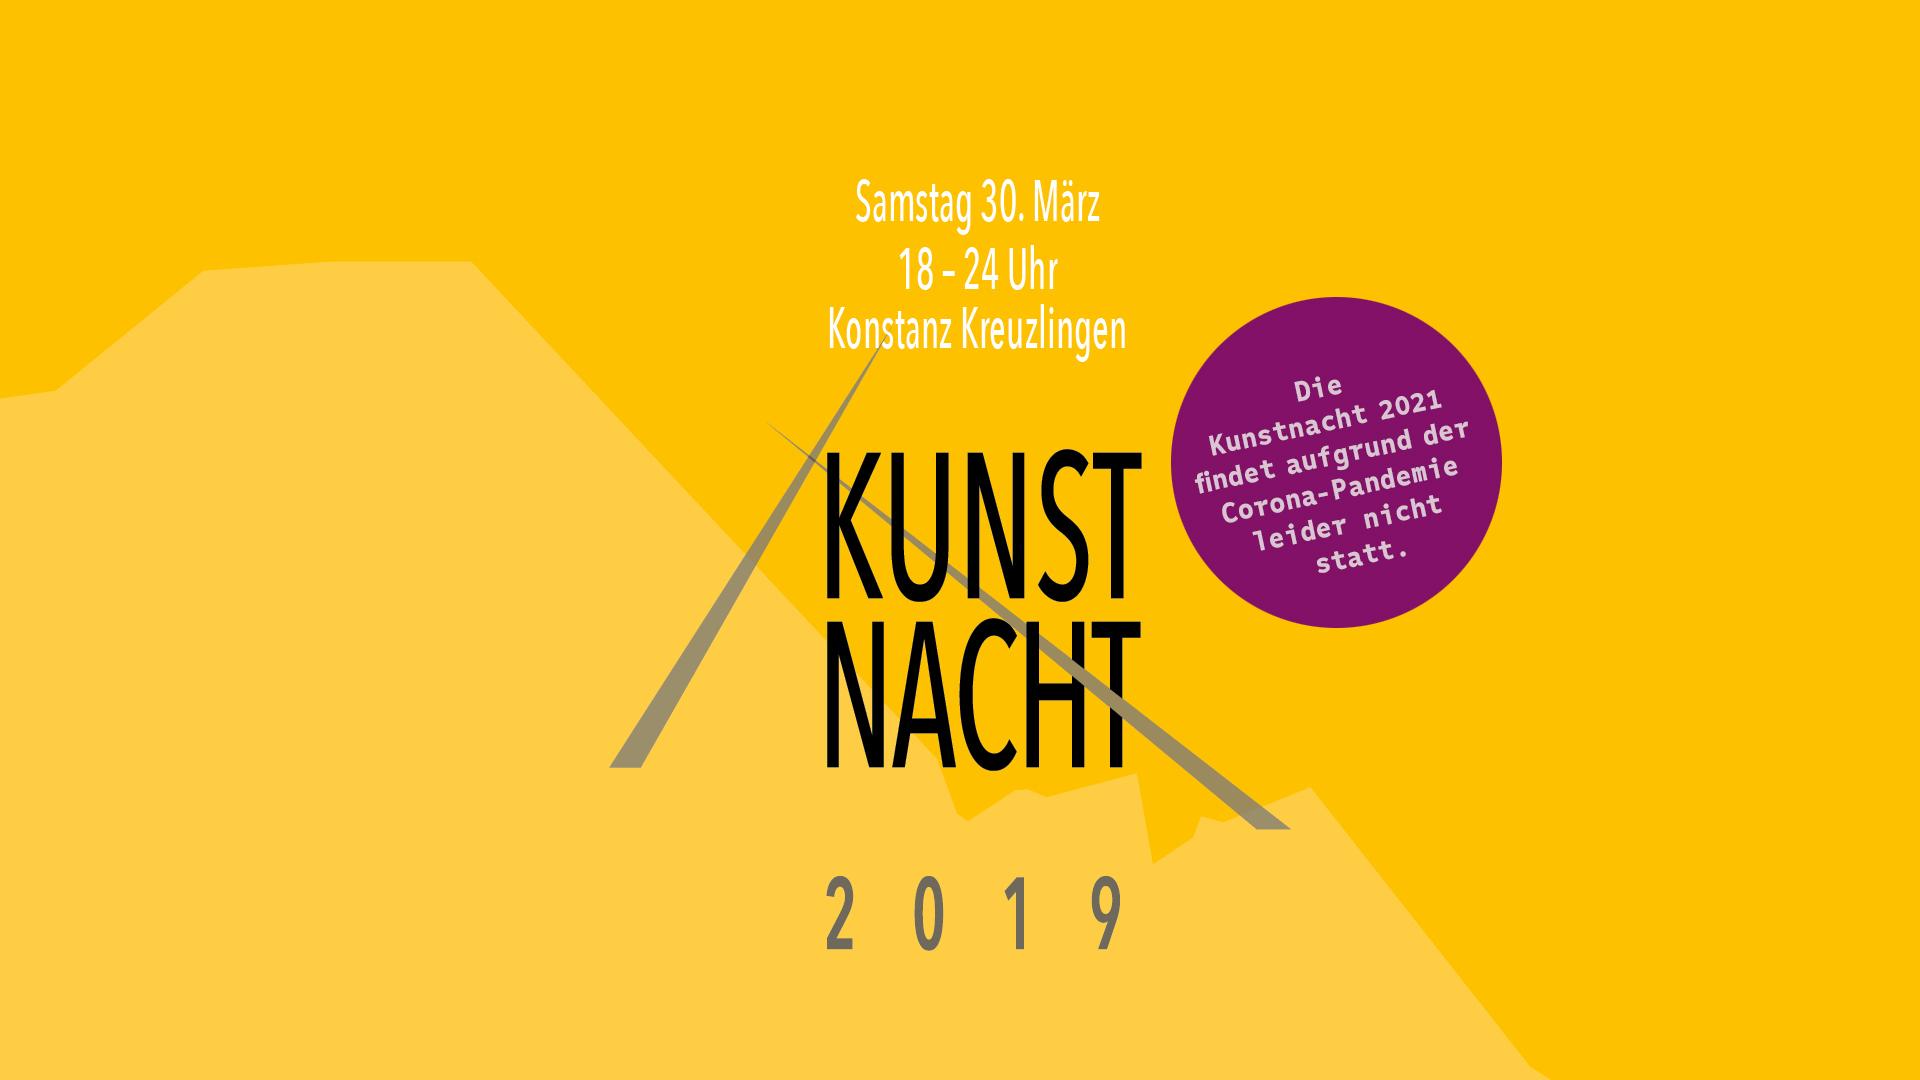 kunstnacht_2019_konstanz_kreuzlingen-start-absage